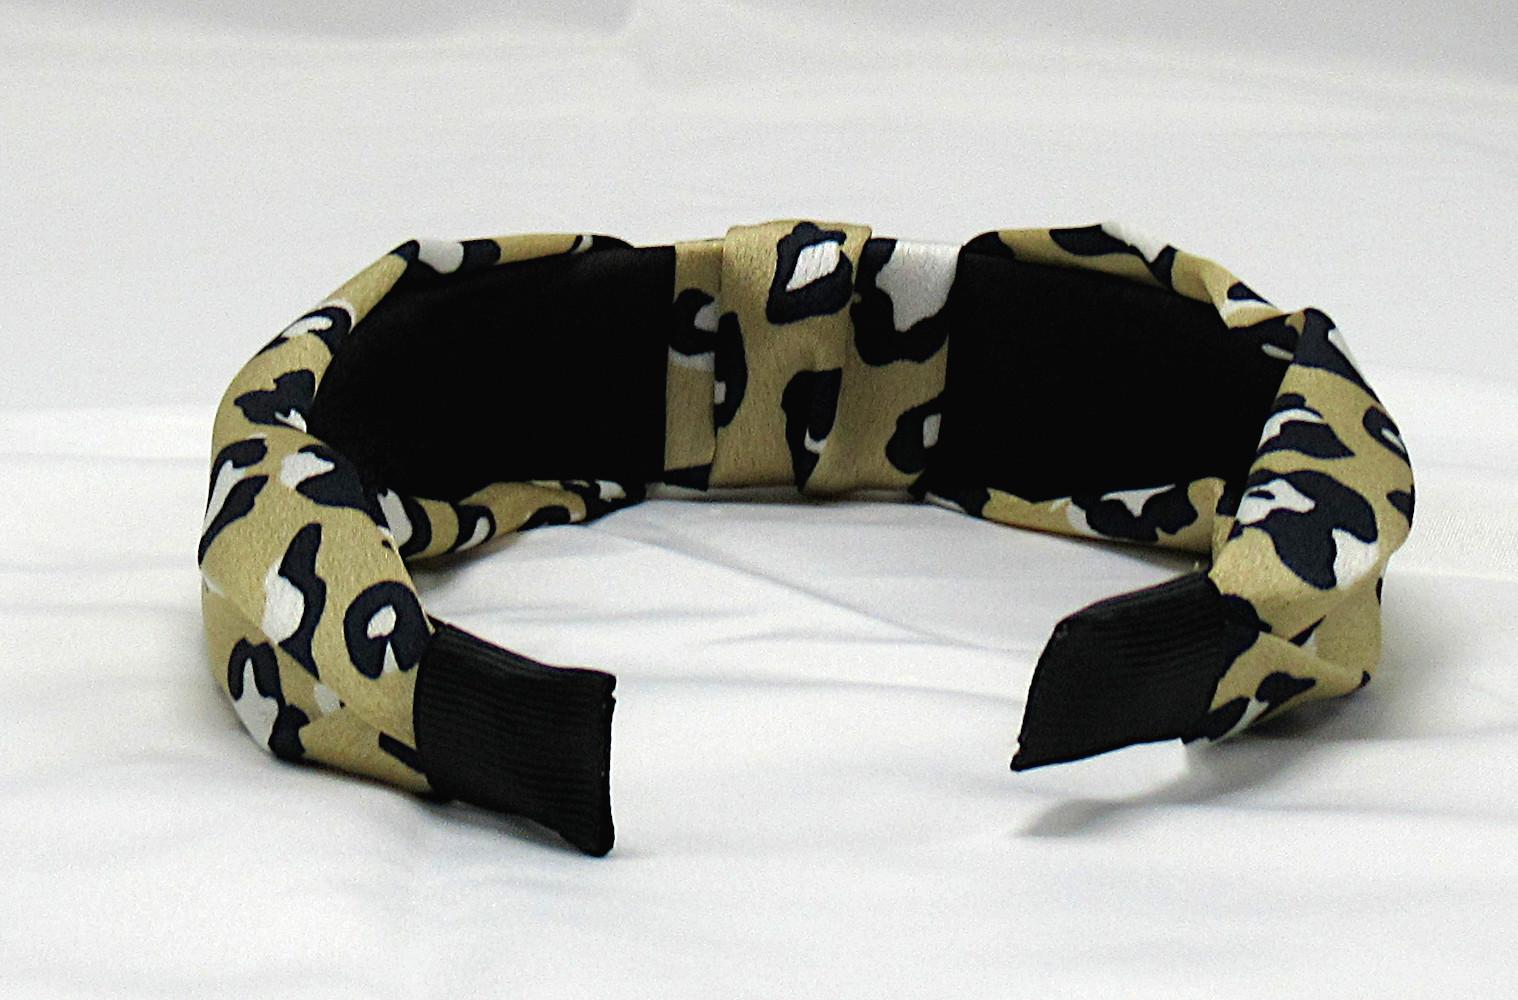 RJ-HB04_Leopard Print Knotted Headband-Khaki6